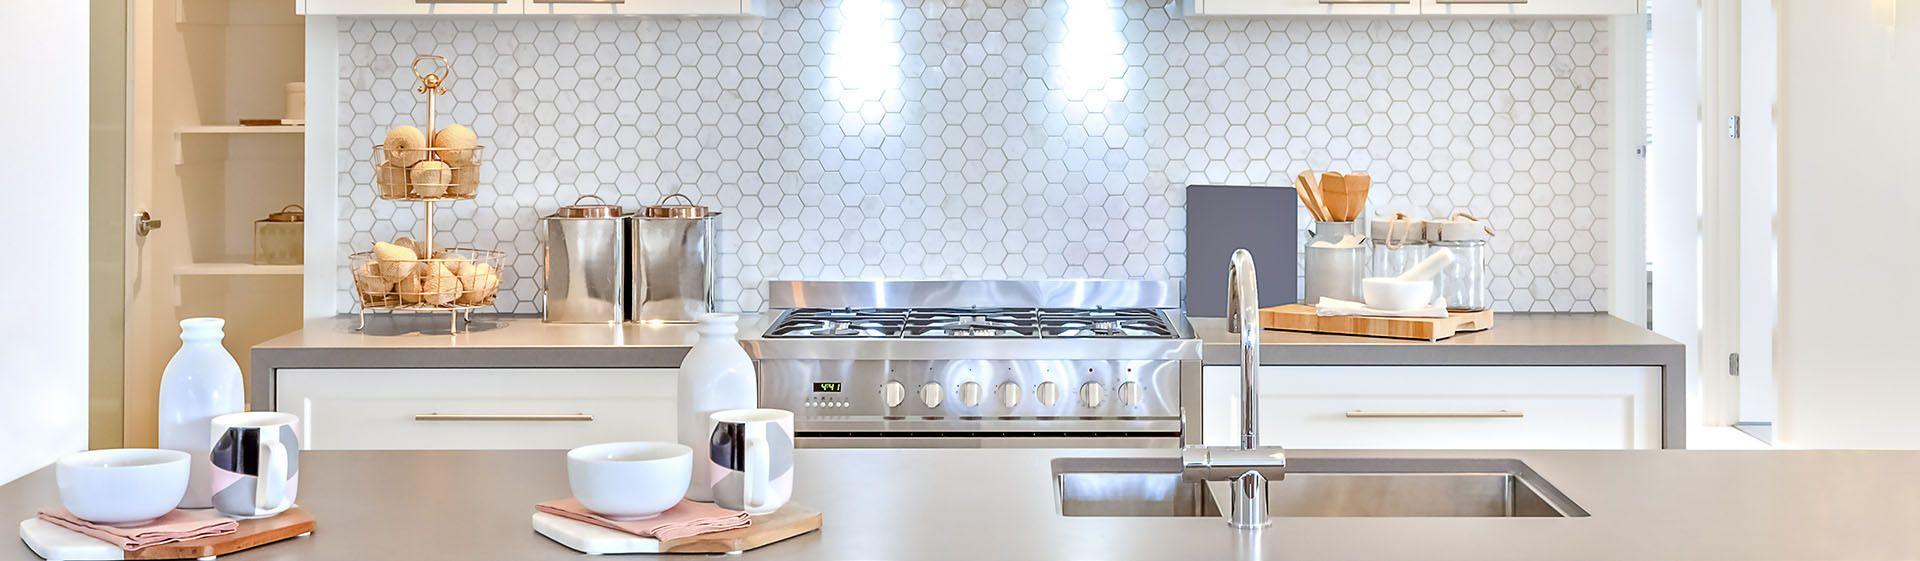 Qual o melhor fogão Inox? Veja 9 opções para comprar em 2020